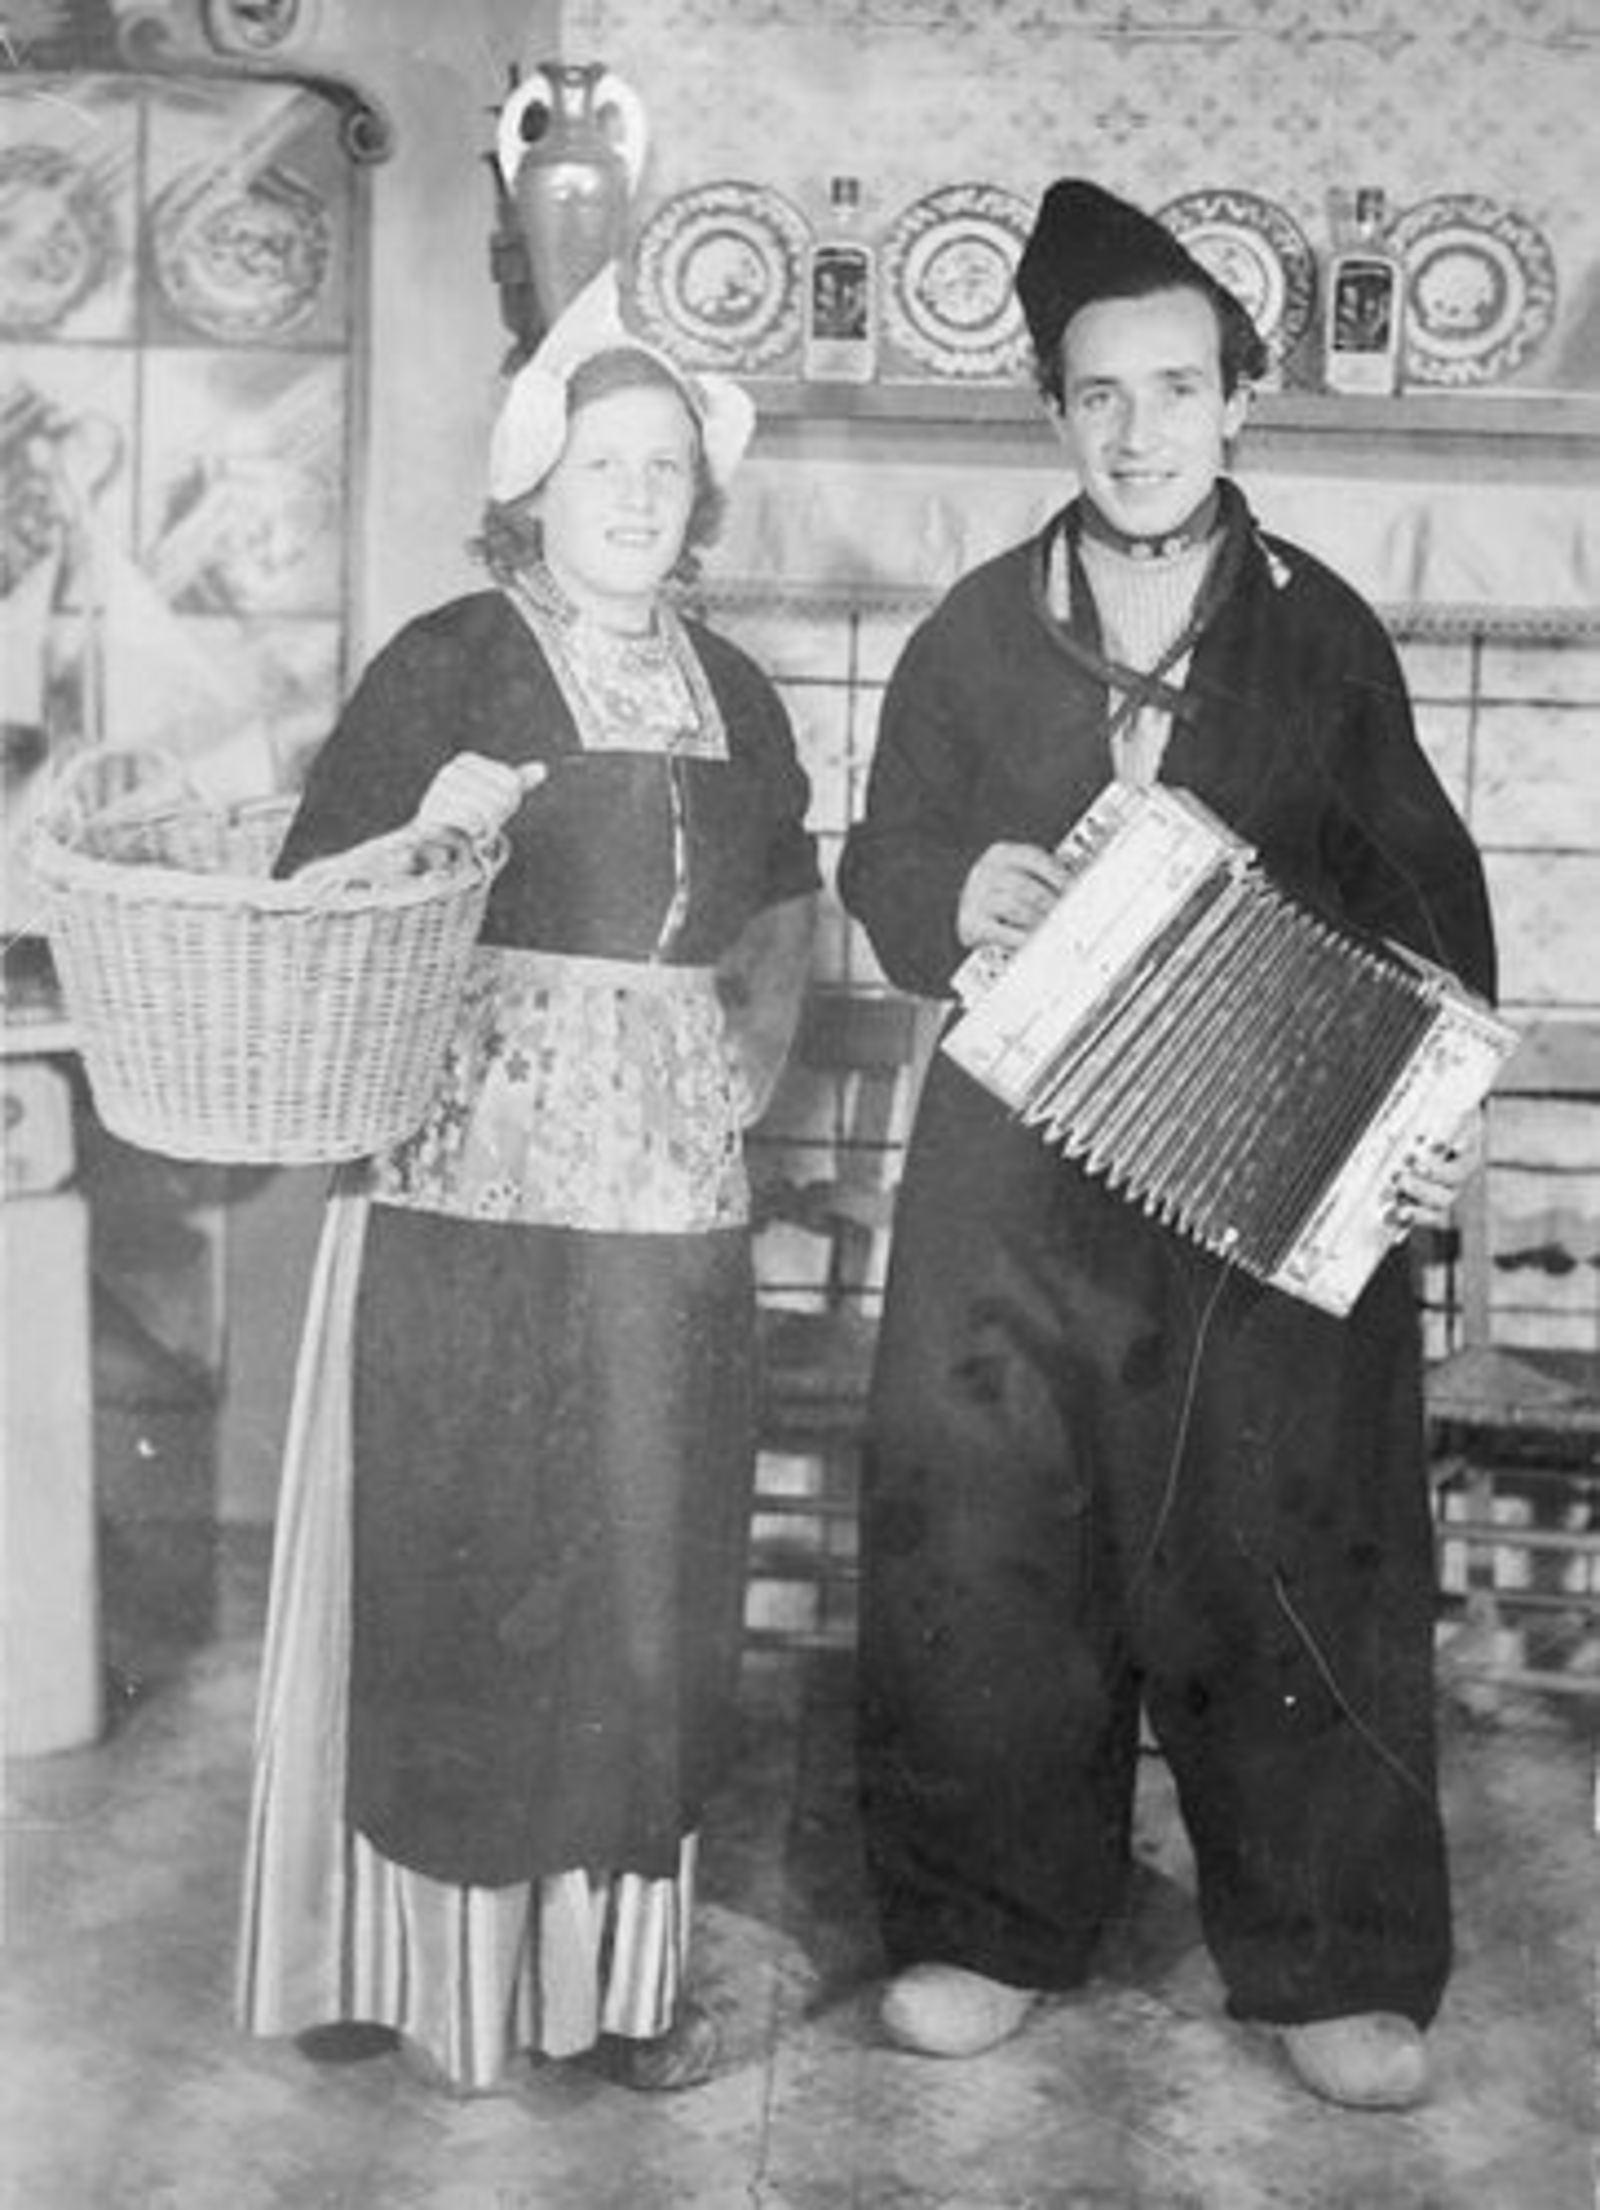 Imanse Theo 1925 19__ met vrouw Corrie Huisman in Klederdracht